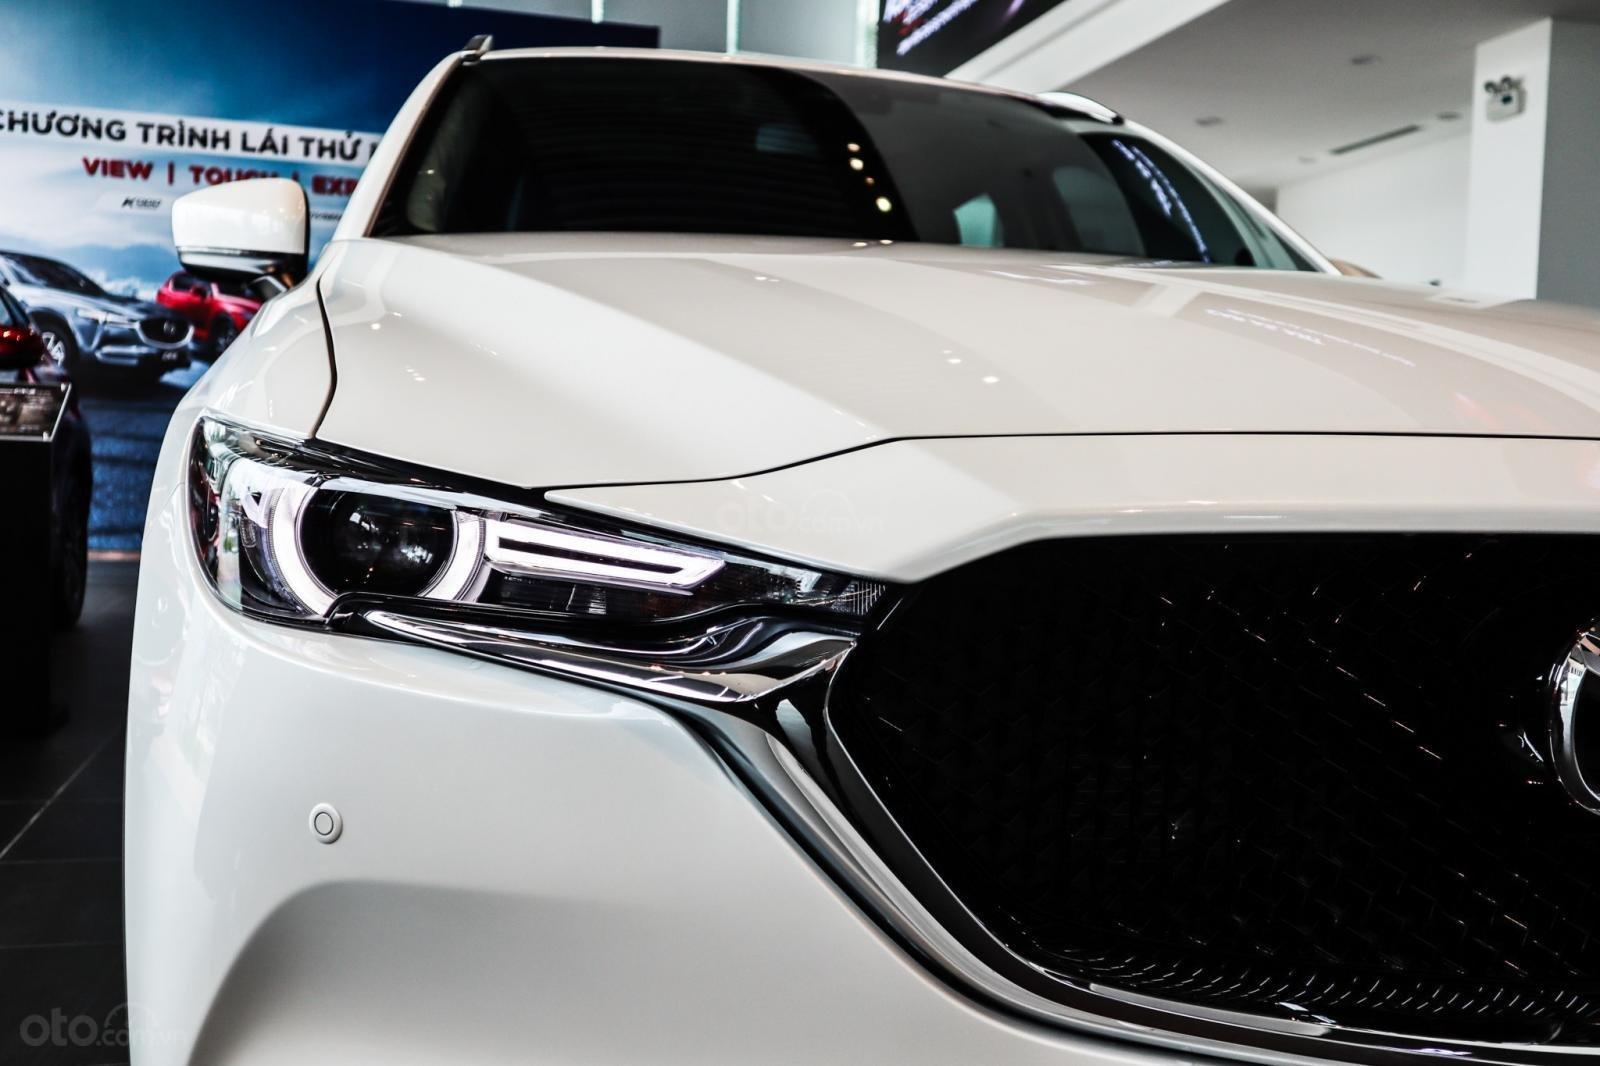 Mazda CX5 giá từ 849 triệu, xe giao ngay, đủ màu, phiên bản, liên hệ ngay với chúng tôi để nhận được ưu đãi tốt nhất (6)